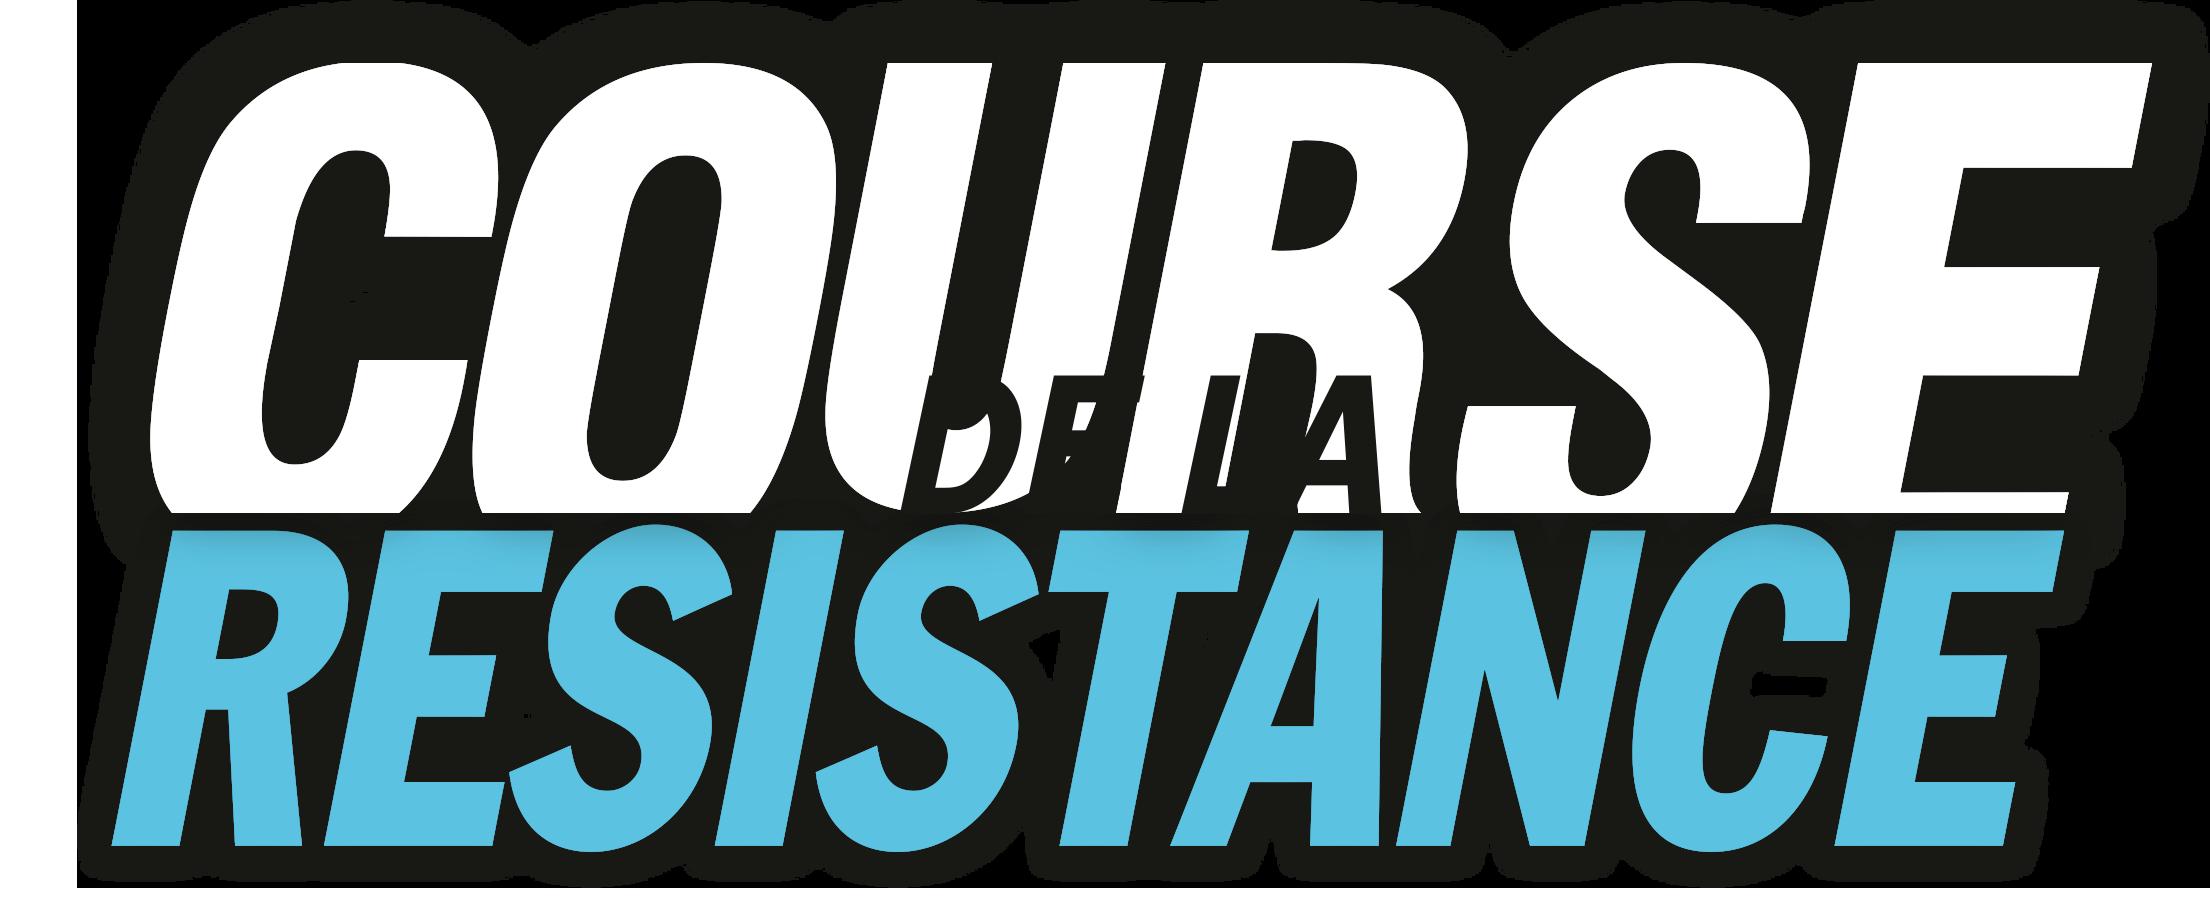 course-de-la-resistance